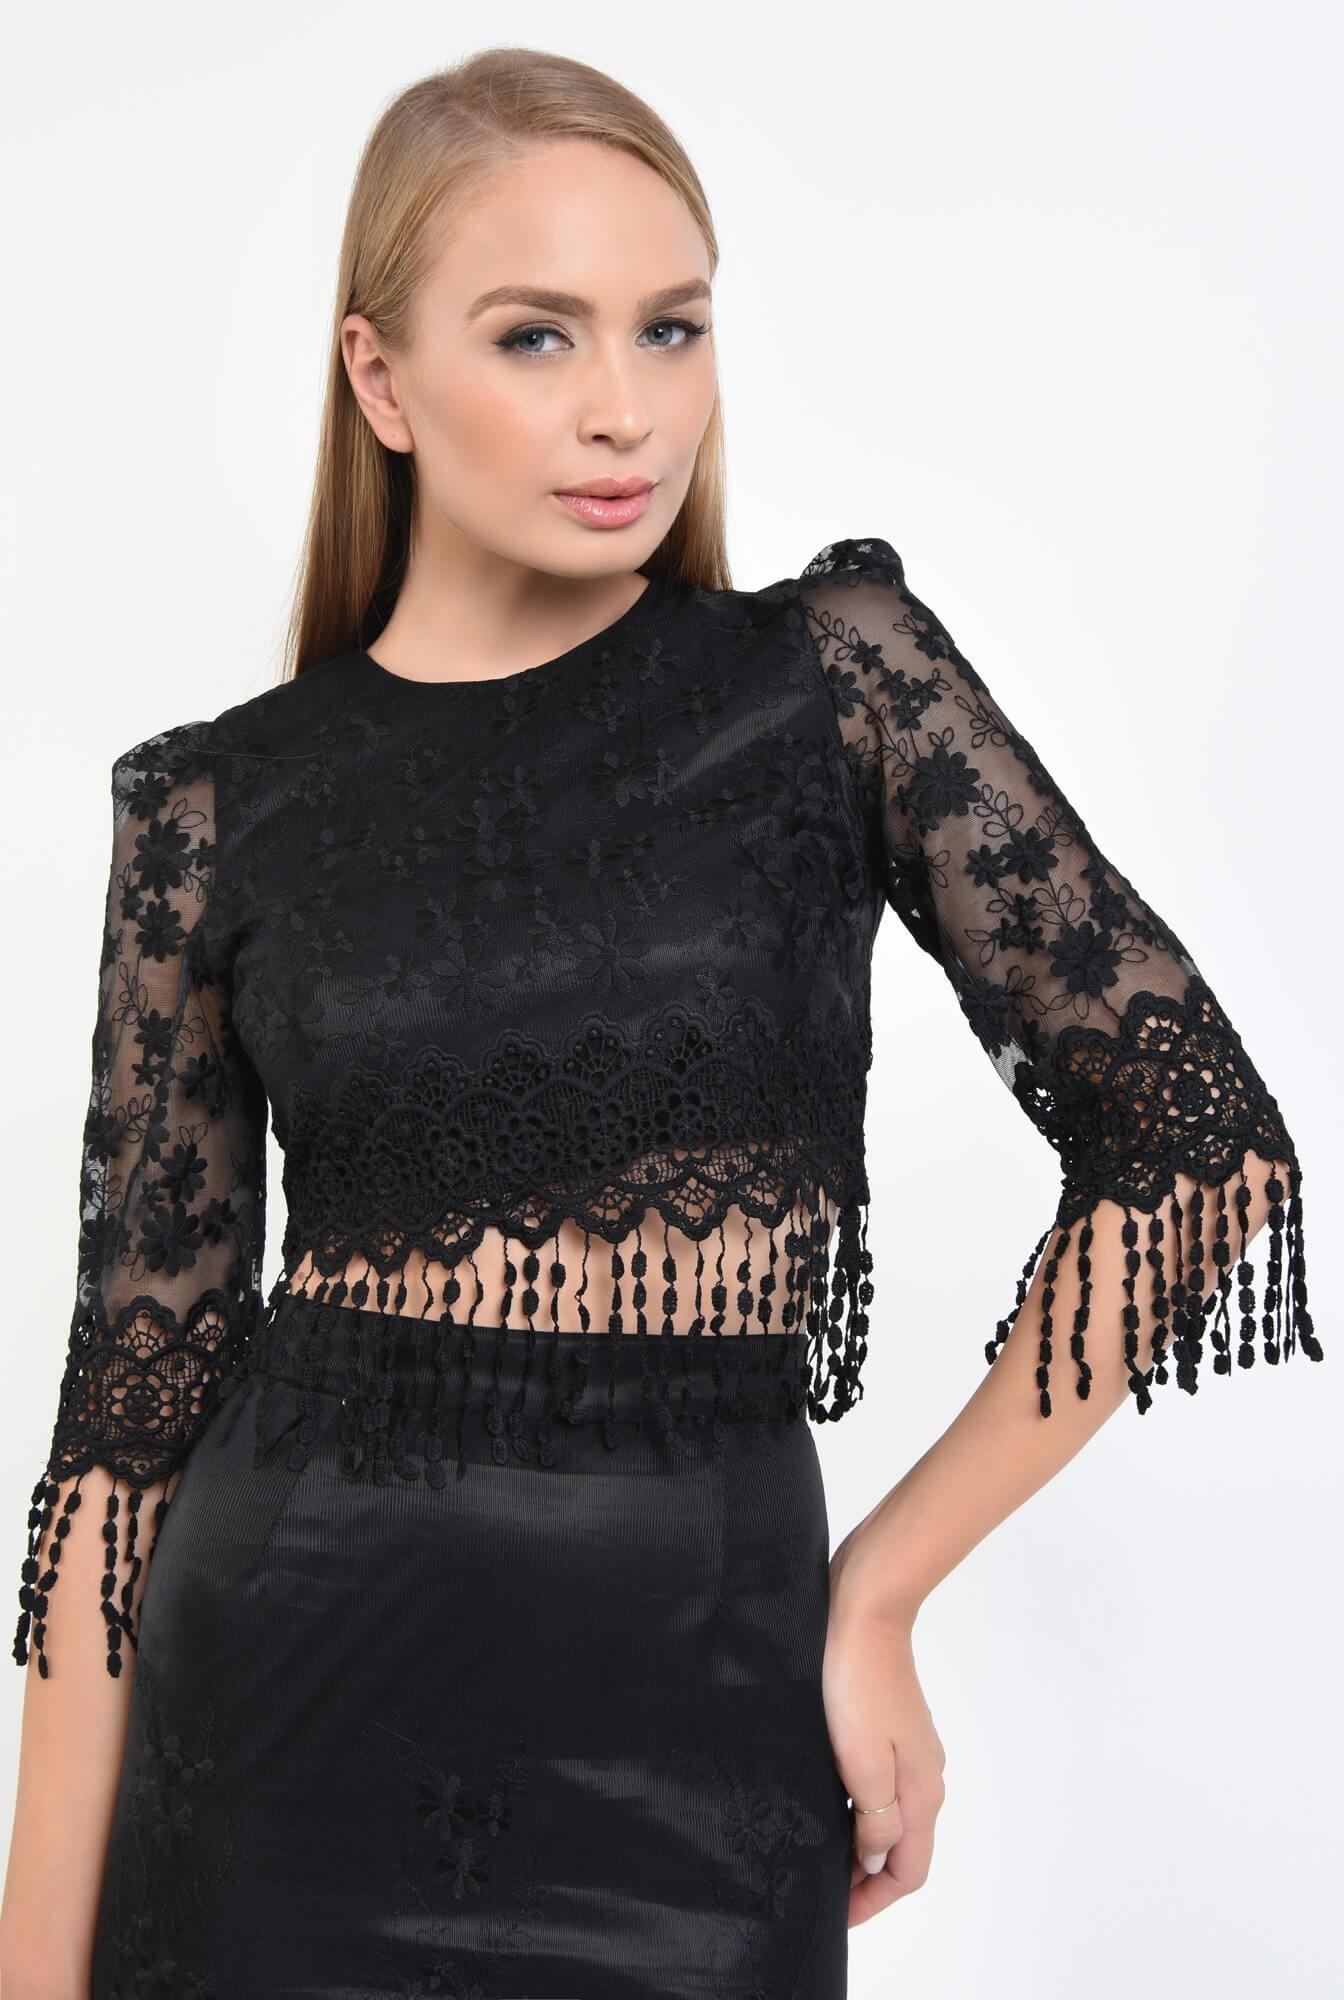 2 - bluza eleganta, cropped top, dantela, negru